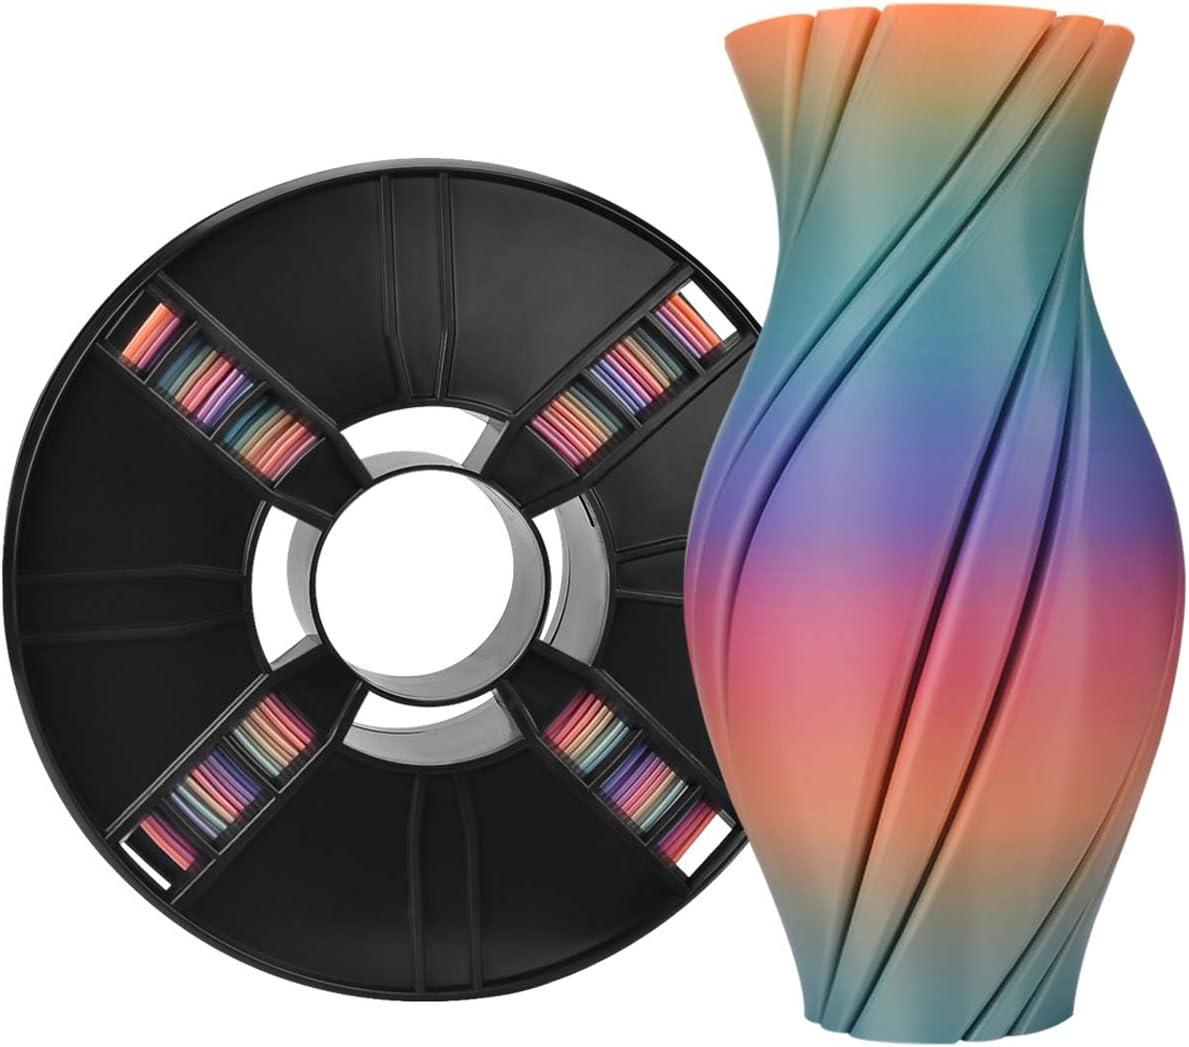 Filament PLA 1.75mm arc-en-ciel multicolore, filament multicolore ERYONE PLA 1.75mm, filament d'impression 3D PLA pour imprimante 3D et stylo 3D, 1 kg 1 bobine